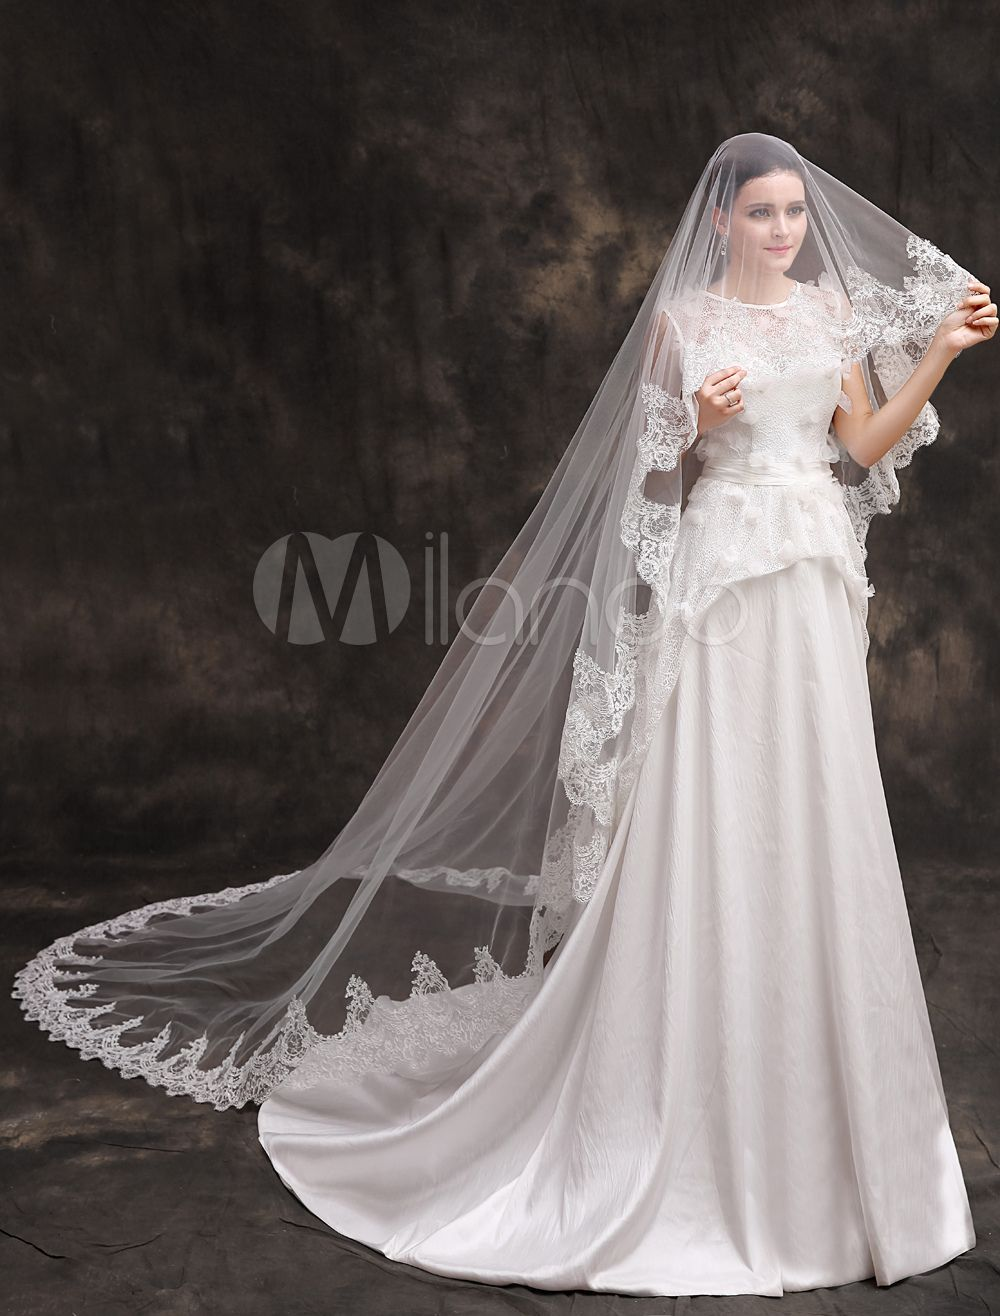 Dentelle blanche moniste lace applique polyester wedding bridal veil